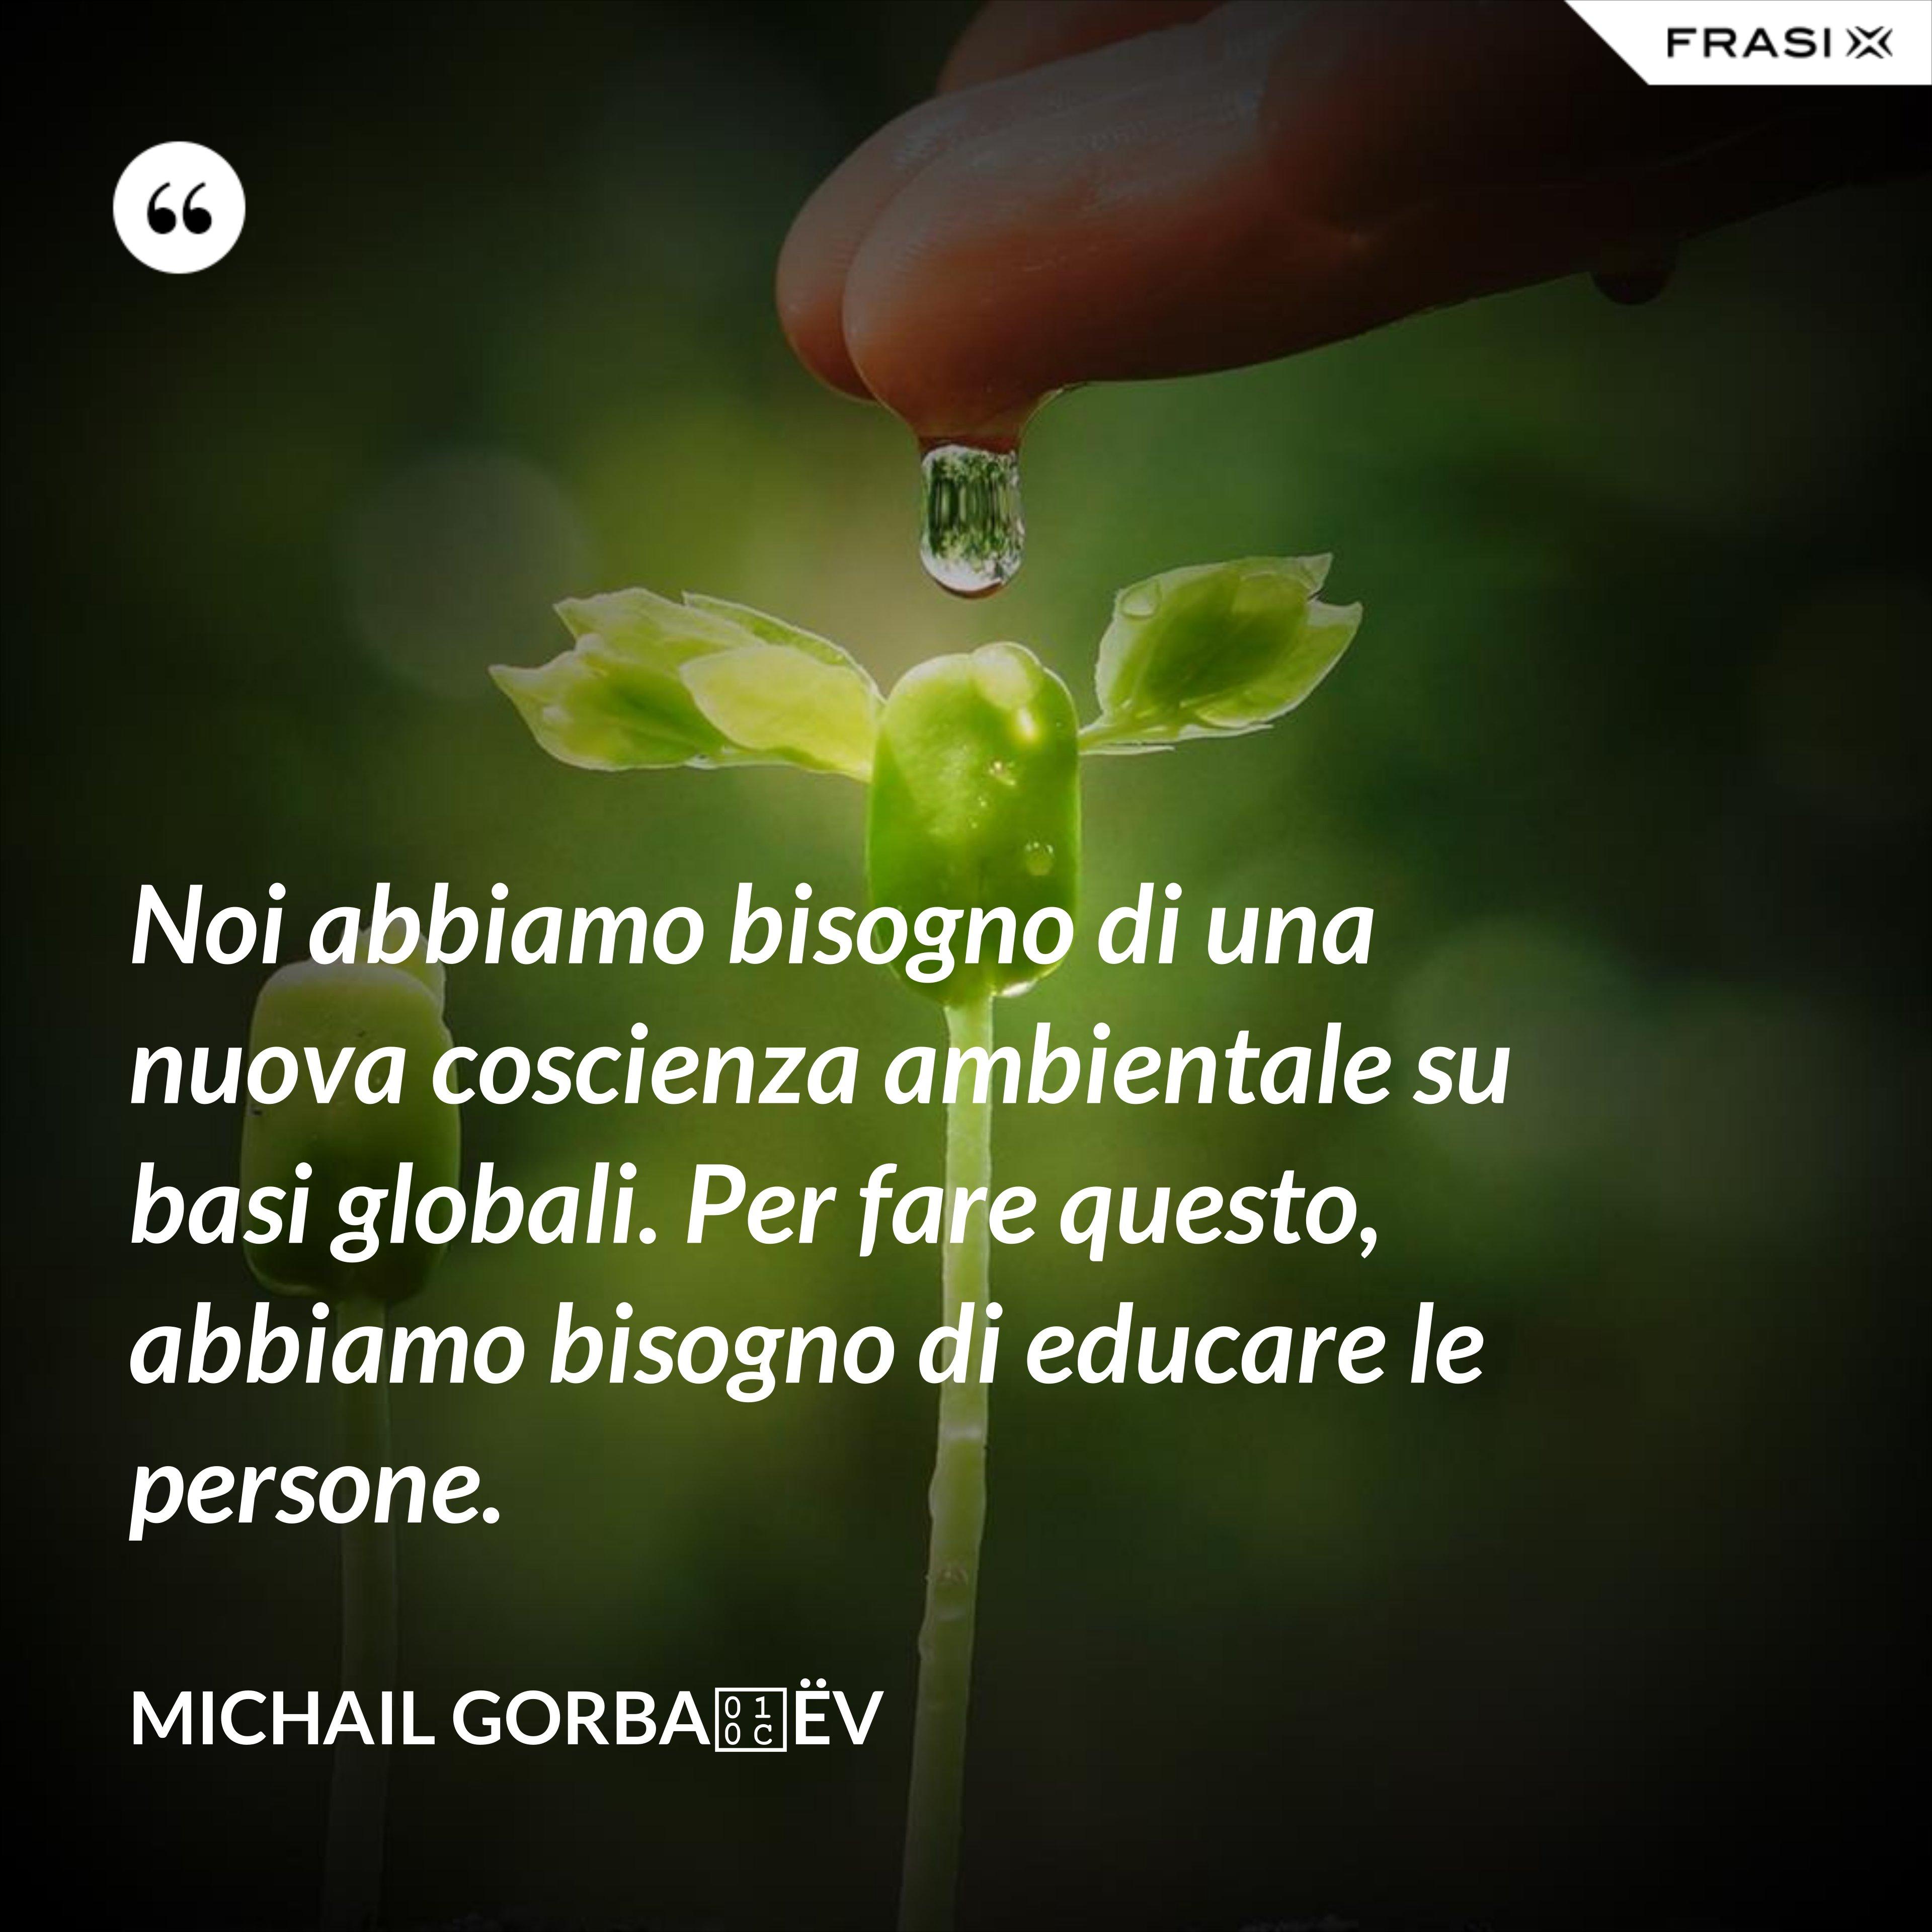 Noi abbiamo bisogno di una nuova coscienza ambientale su basi globali. Per fare questo, abbiamo bisogno di educare le persone. - Michail Gorbačëv